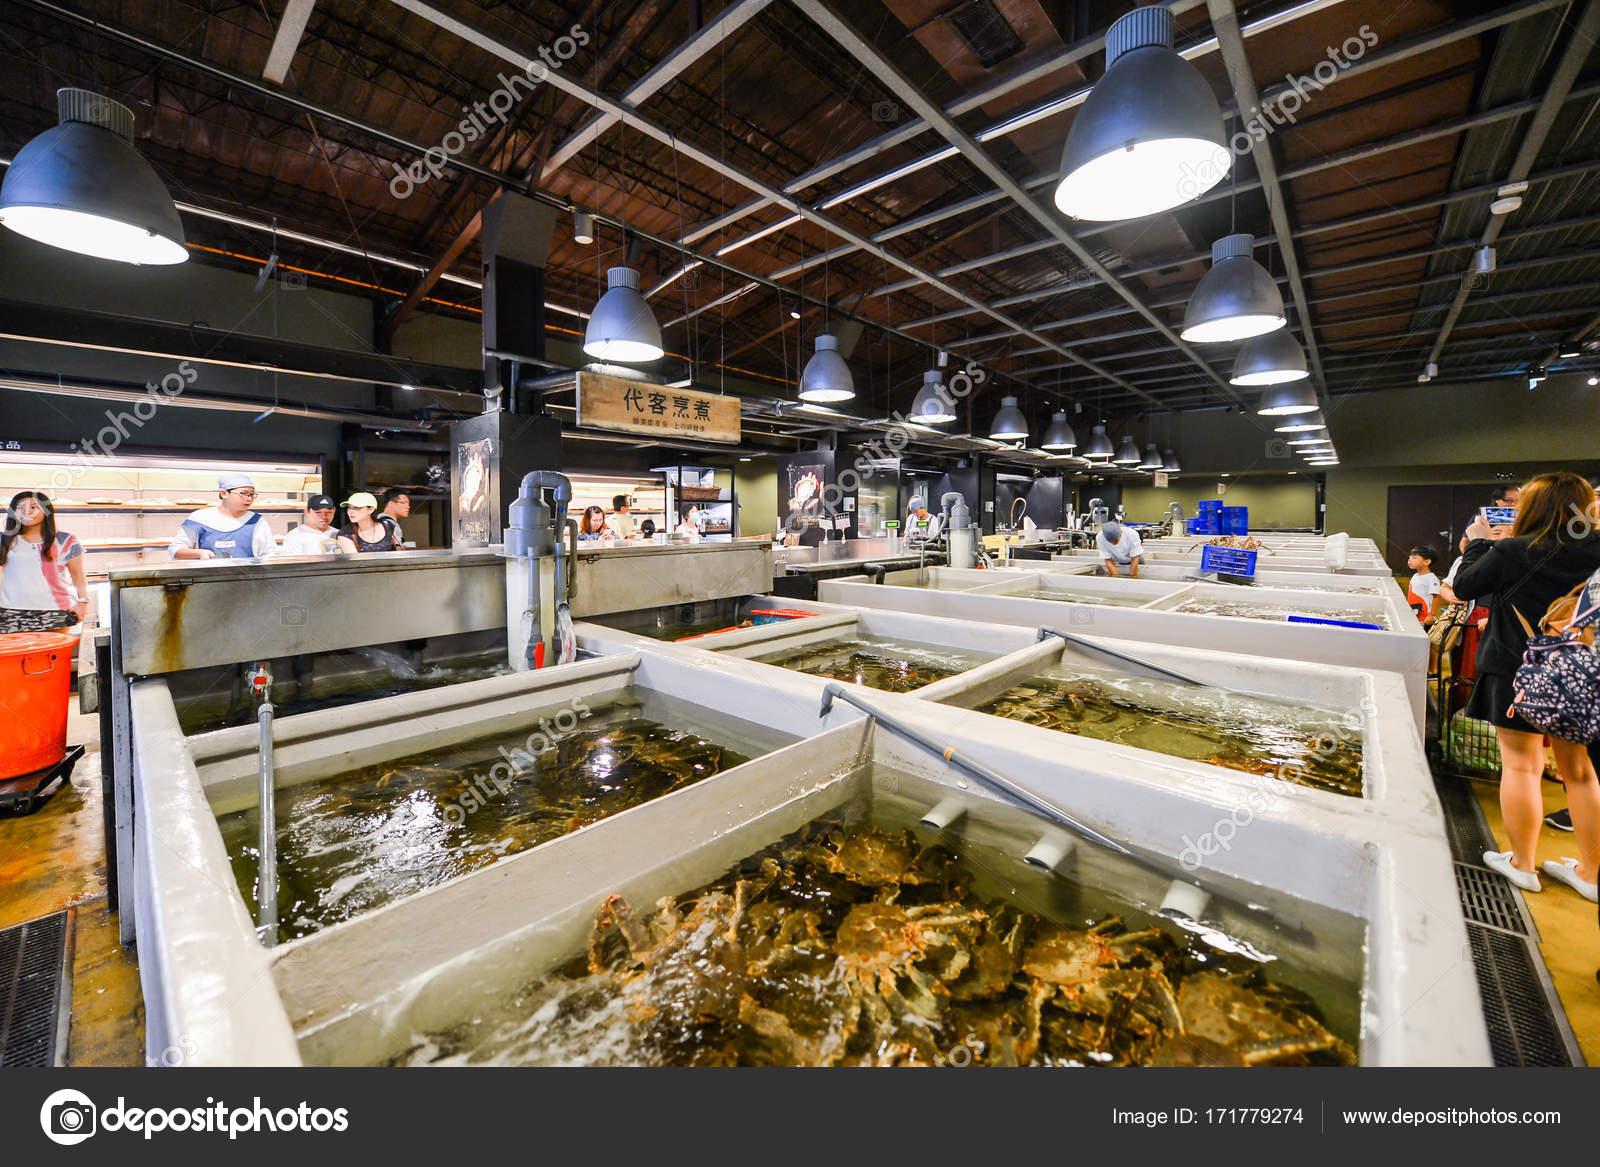 臺北魚市場は臺灣臺北市中山區の魚市場です。. - ストック編集用寫真©kikujungboy#171779274